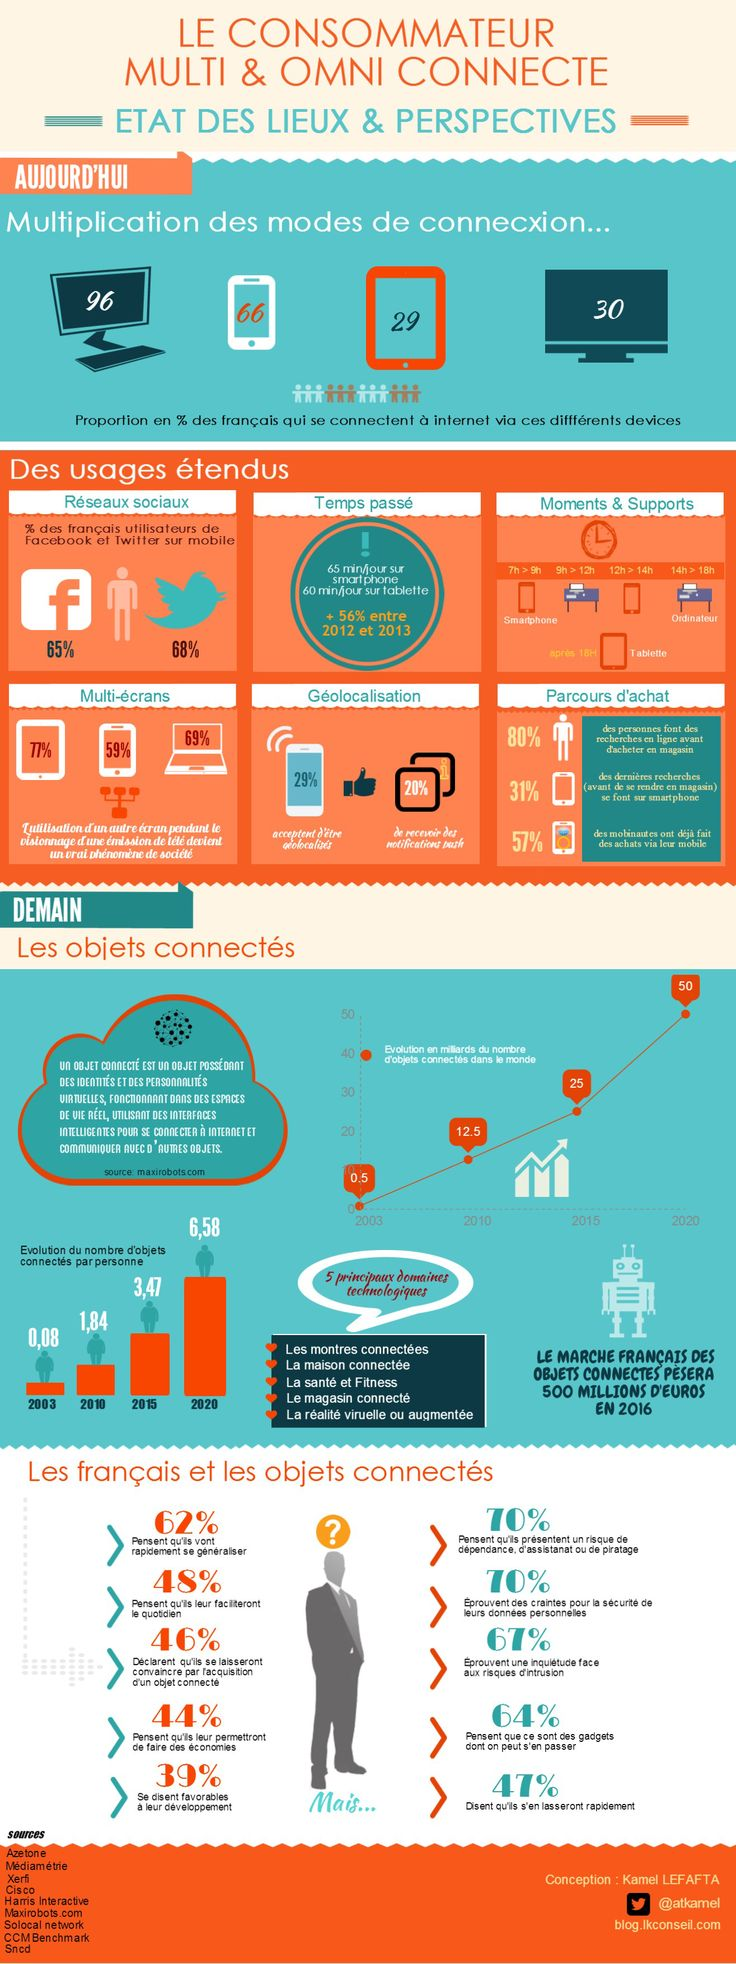 [Infographie] Le consommateur multiconnecté: Etat des lieux et perspectives - Social Digital Marketing Blog